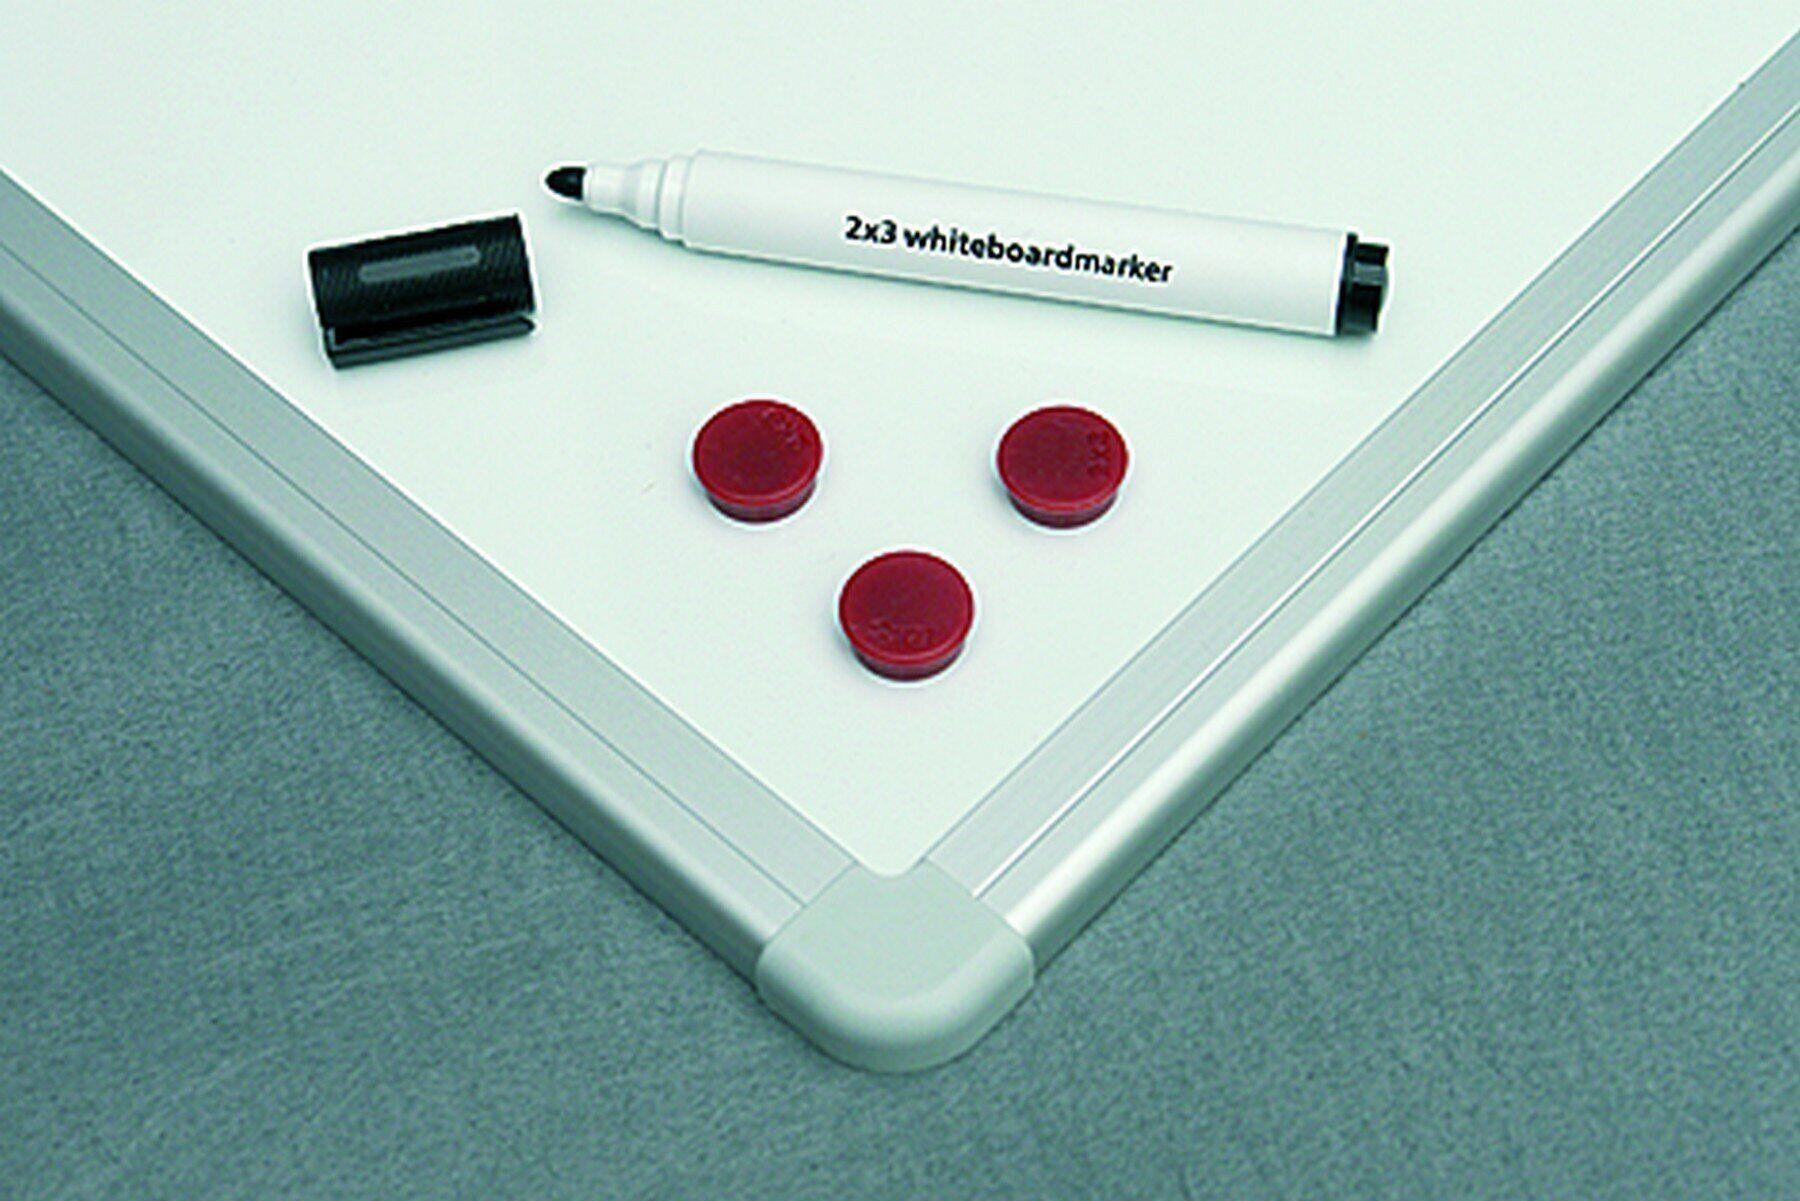 Доска белая магнитная сухостираемая ALU23 120*180см., алюминиевая рамка, лак 2x3 - фото 5